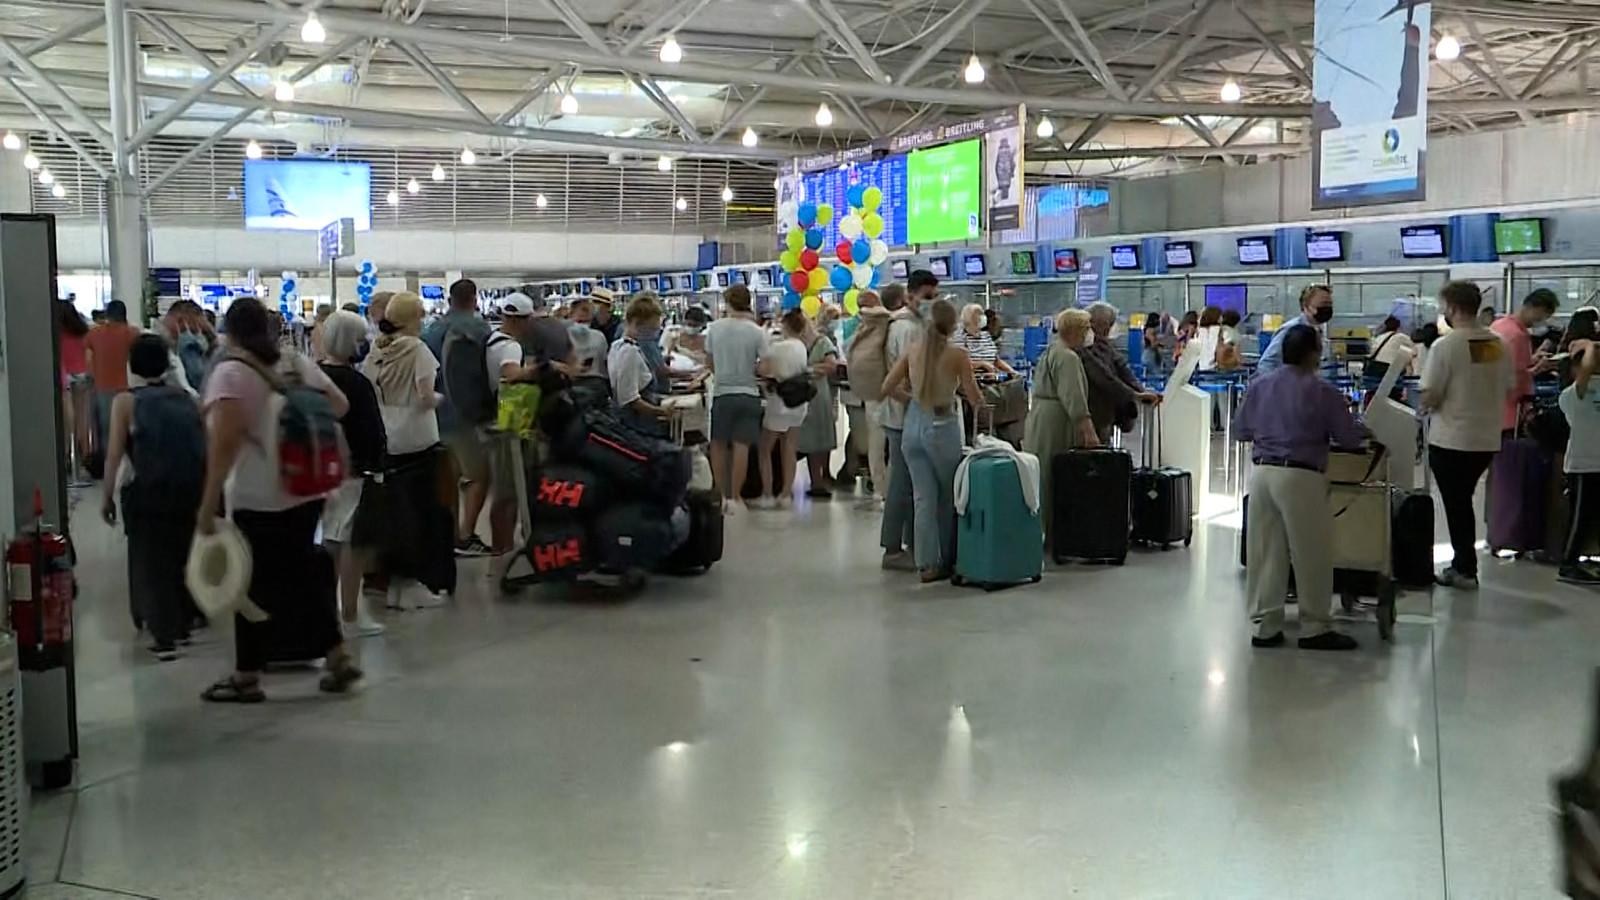 Toeristen staan aan te schuiven om het eiland te verlaten.